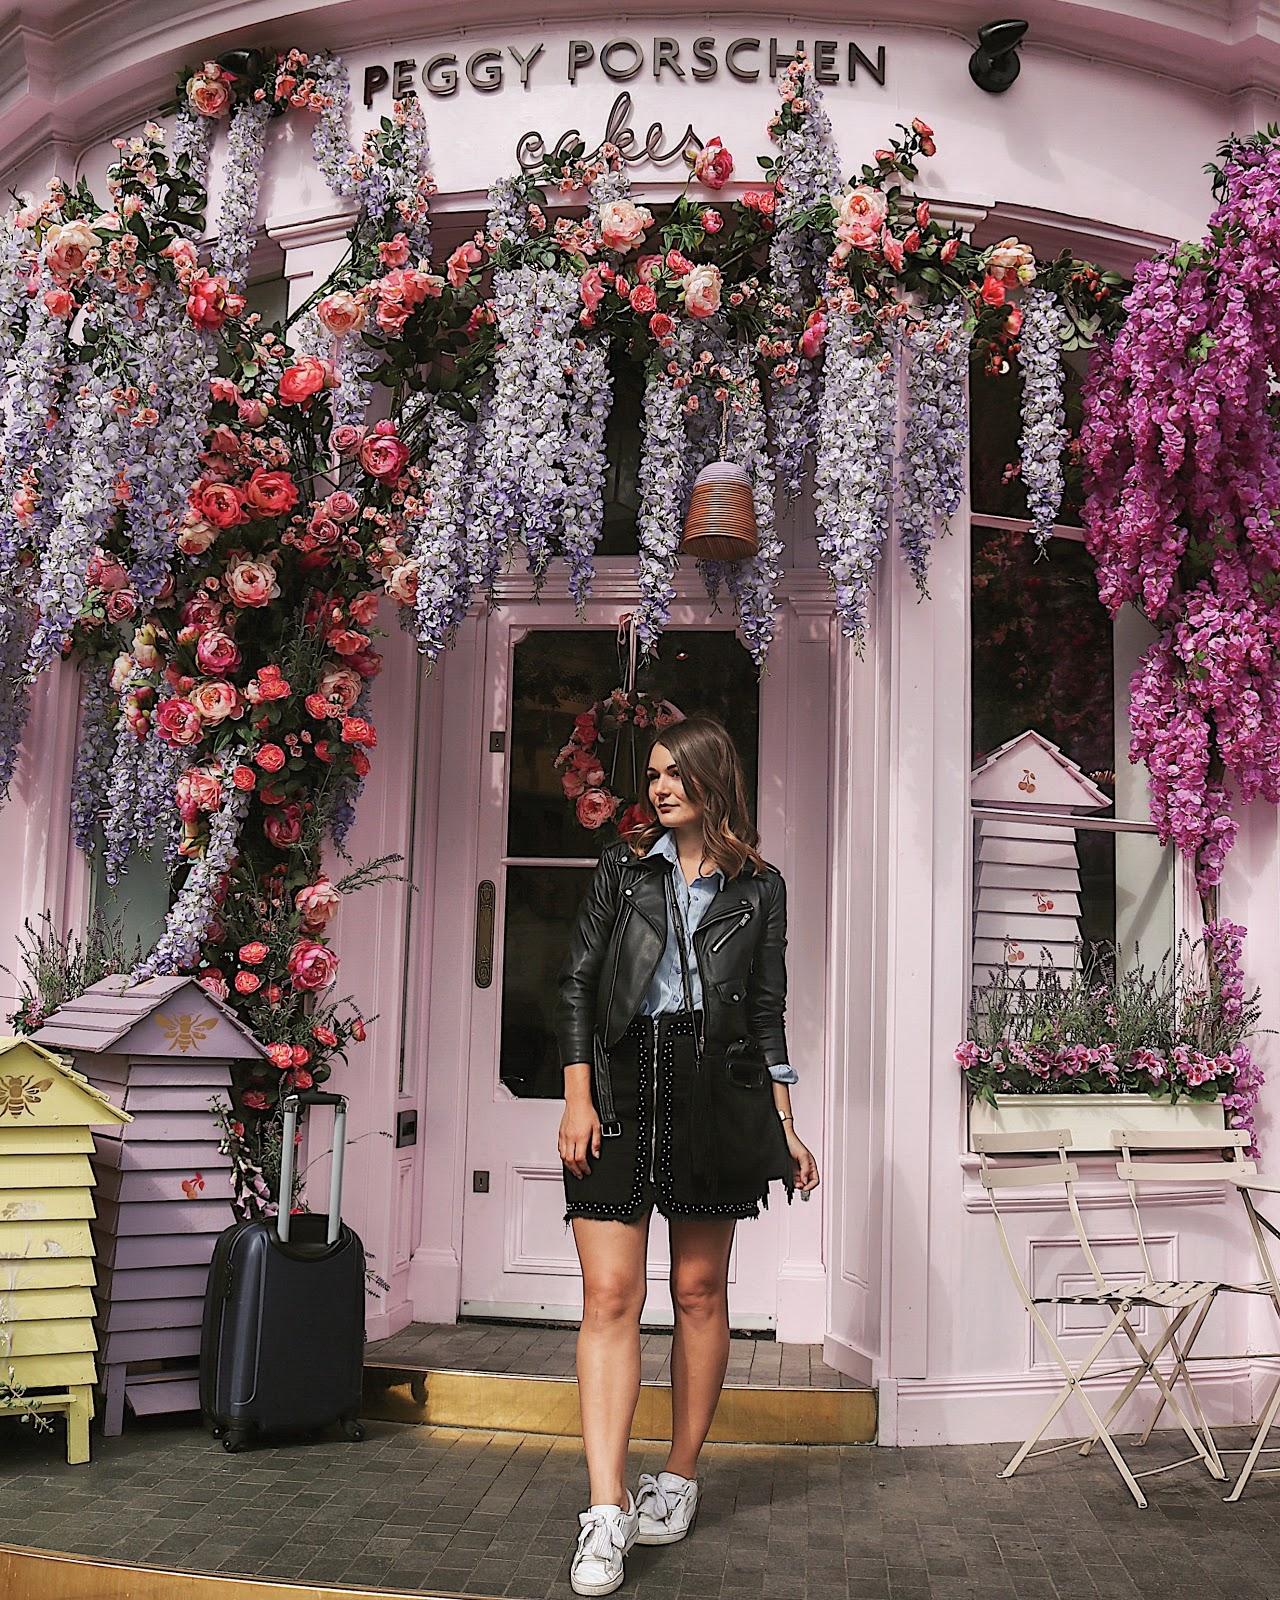 pauline-dress-blog-mode-deco-lifestyle-travel-voyage-europe-londres-angleterre-idees-visites-parcours-touristique-instagram-instagrammable-lieux-peggy-porschen